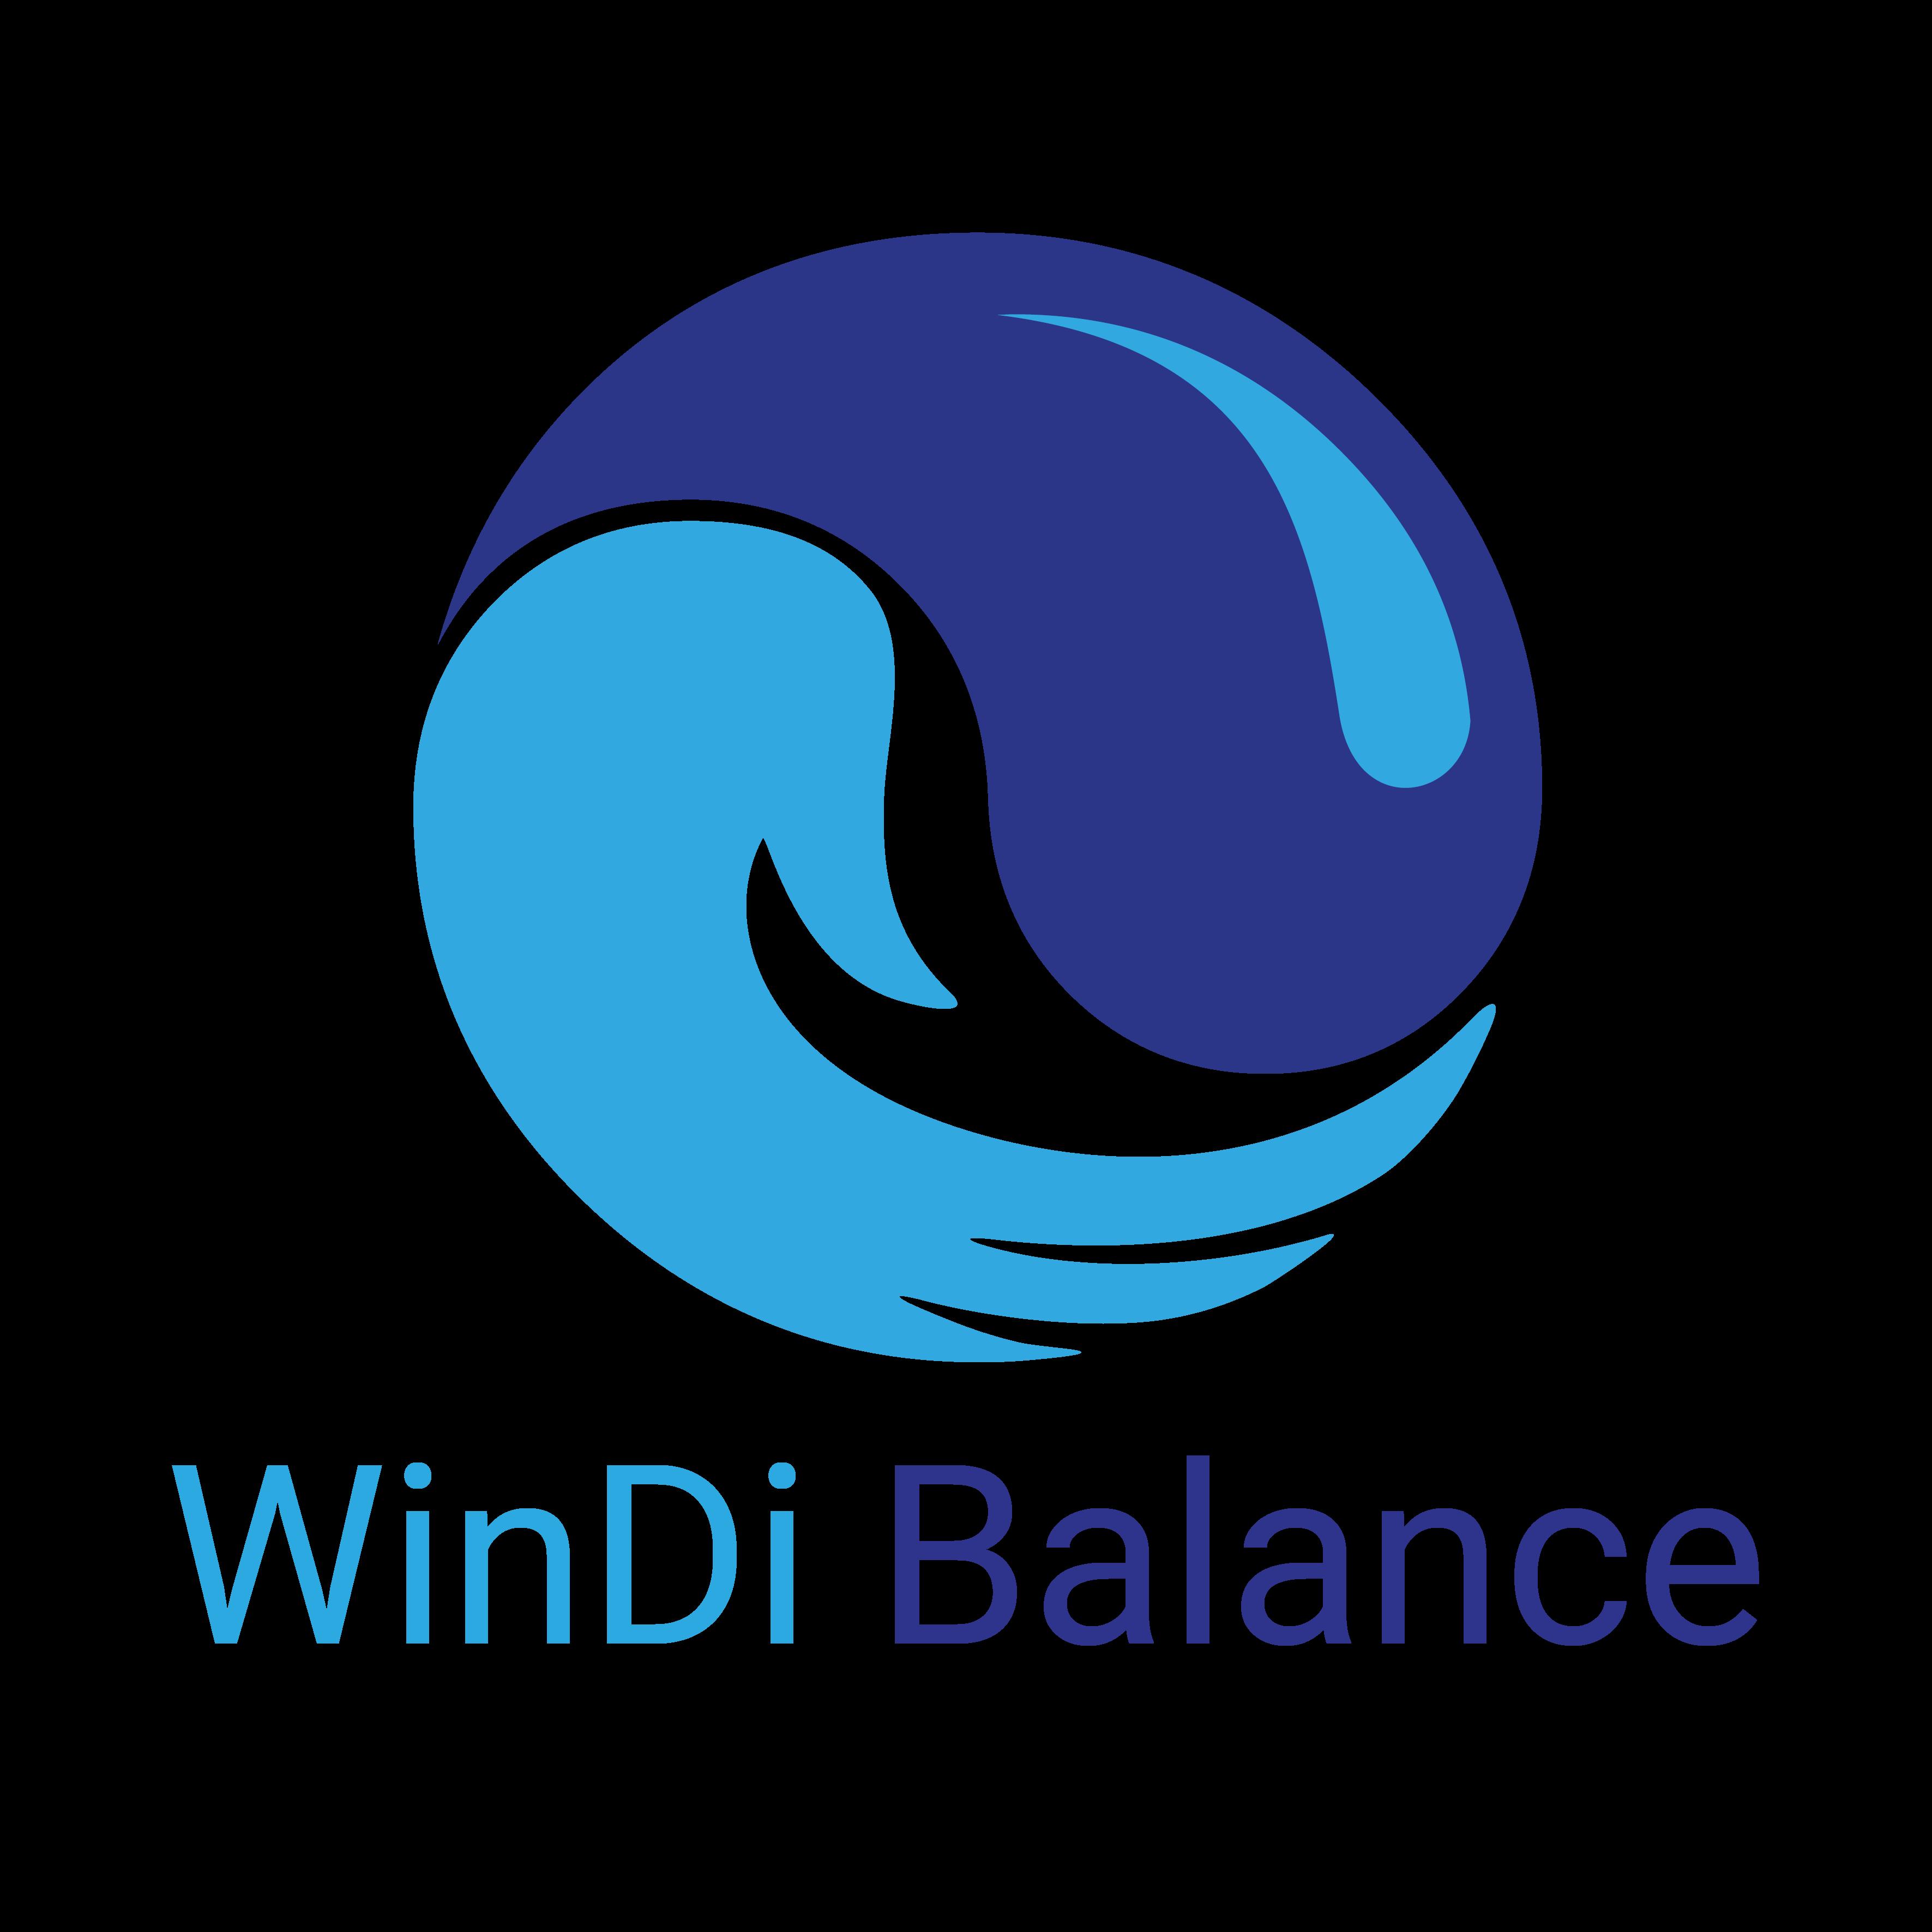 Windi Balance